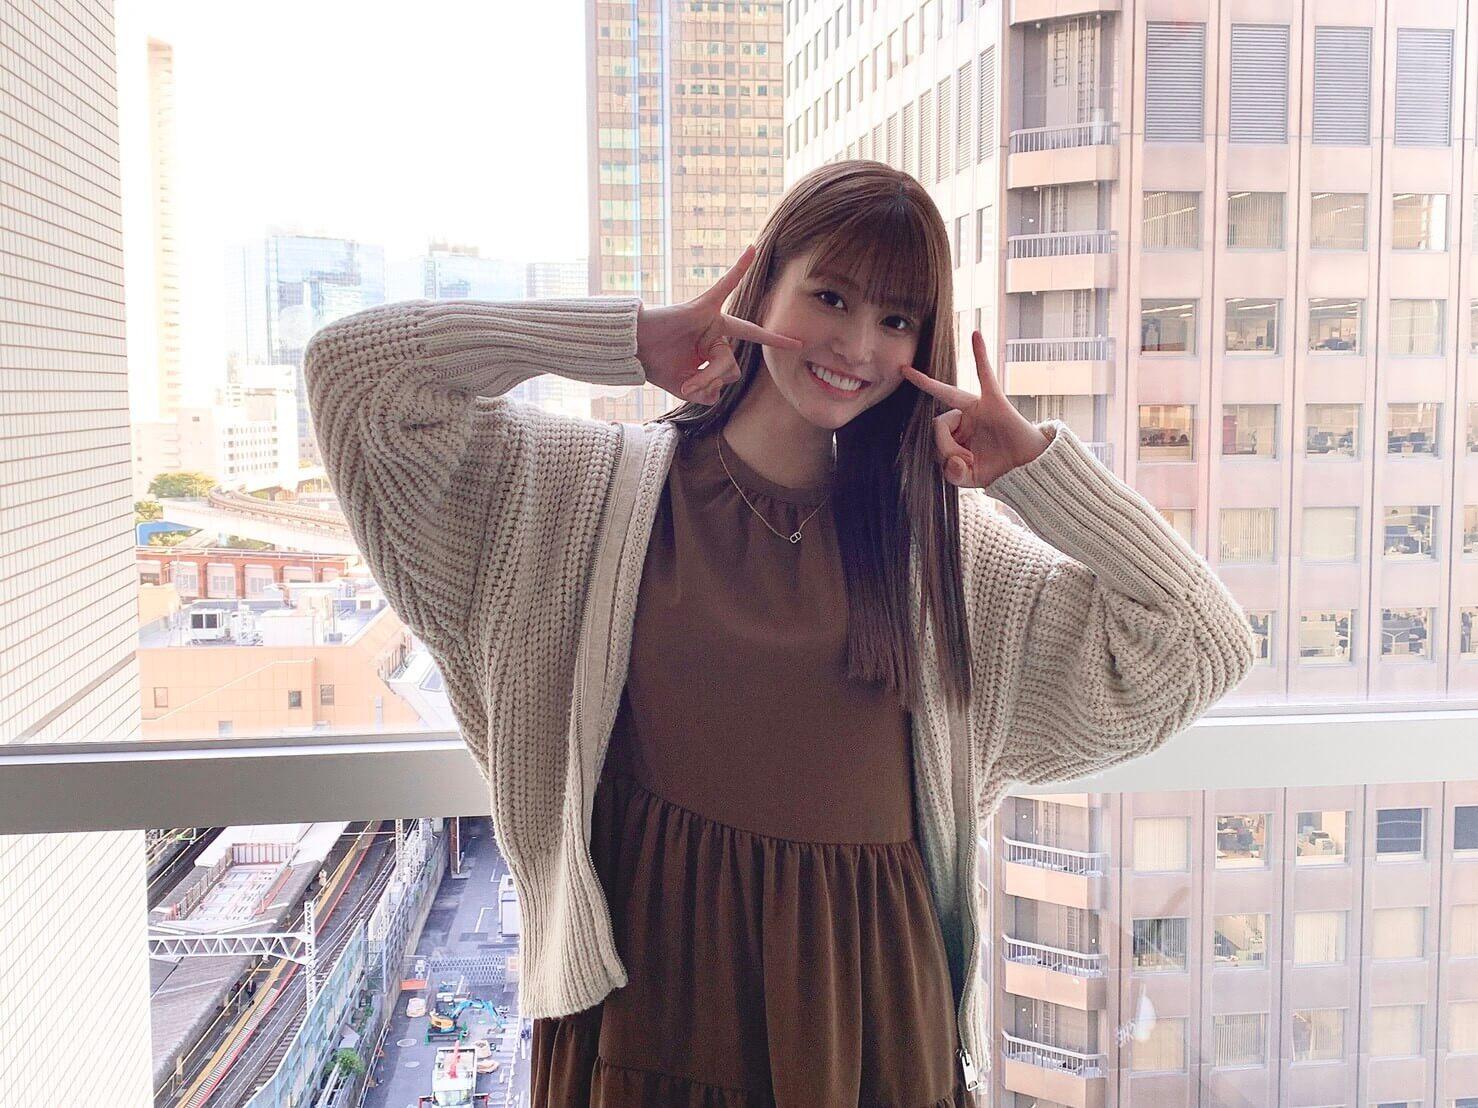 生見愛瑠、Popteen専属モデル卒業を語る「みんなが手でアーチを作って迎えてくれた」『めるるのはっぴーsu??るーむ』